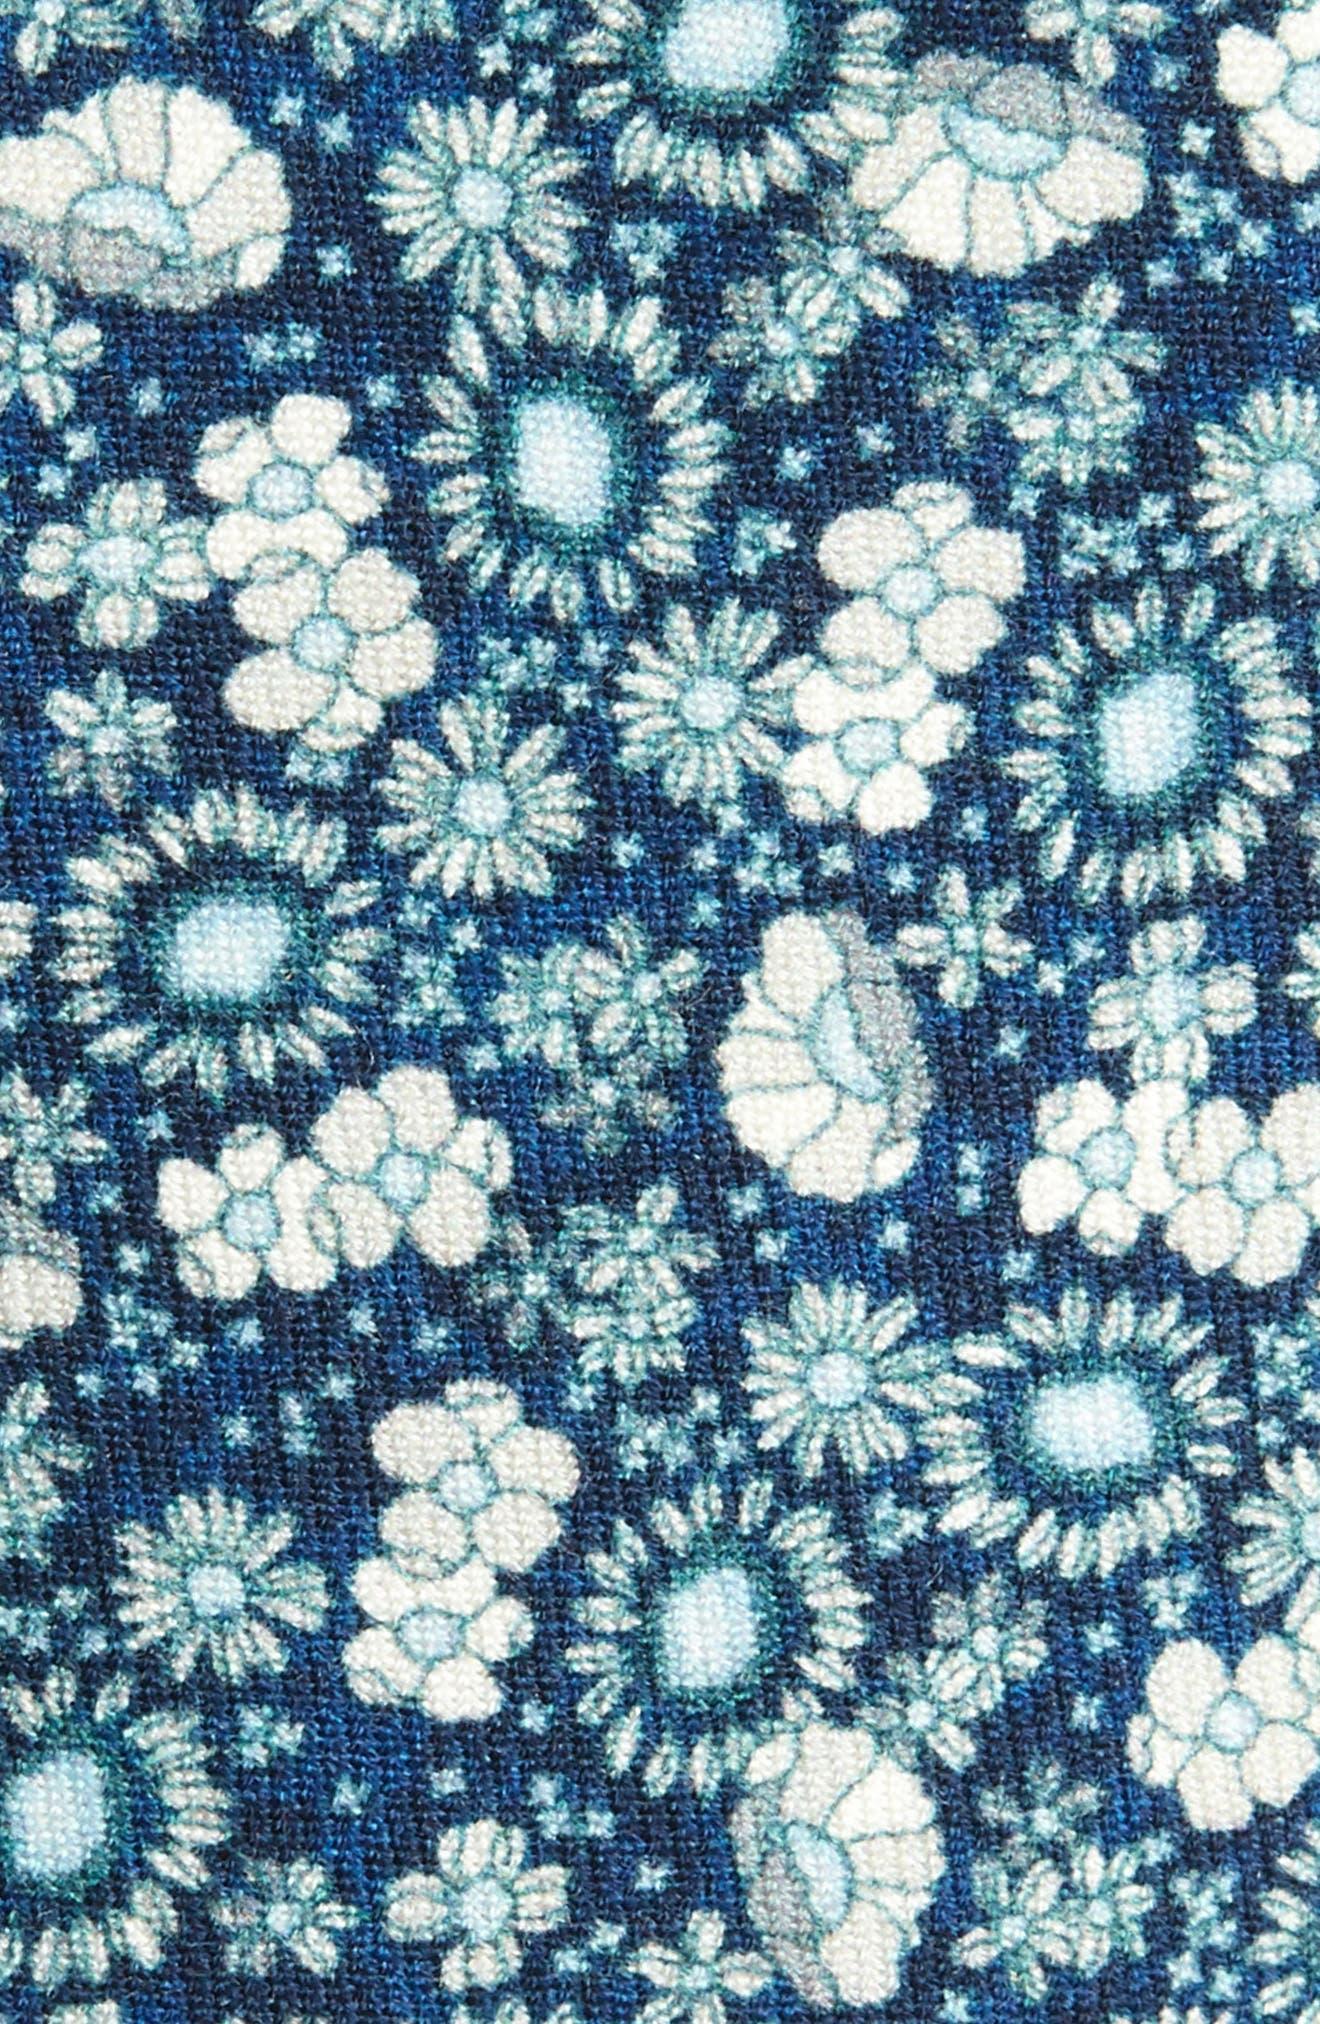 Flower City Wool Skinny Tie,                             Alternate thumbnail 4, color,